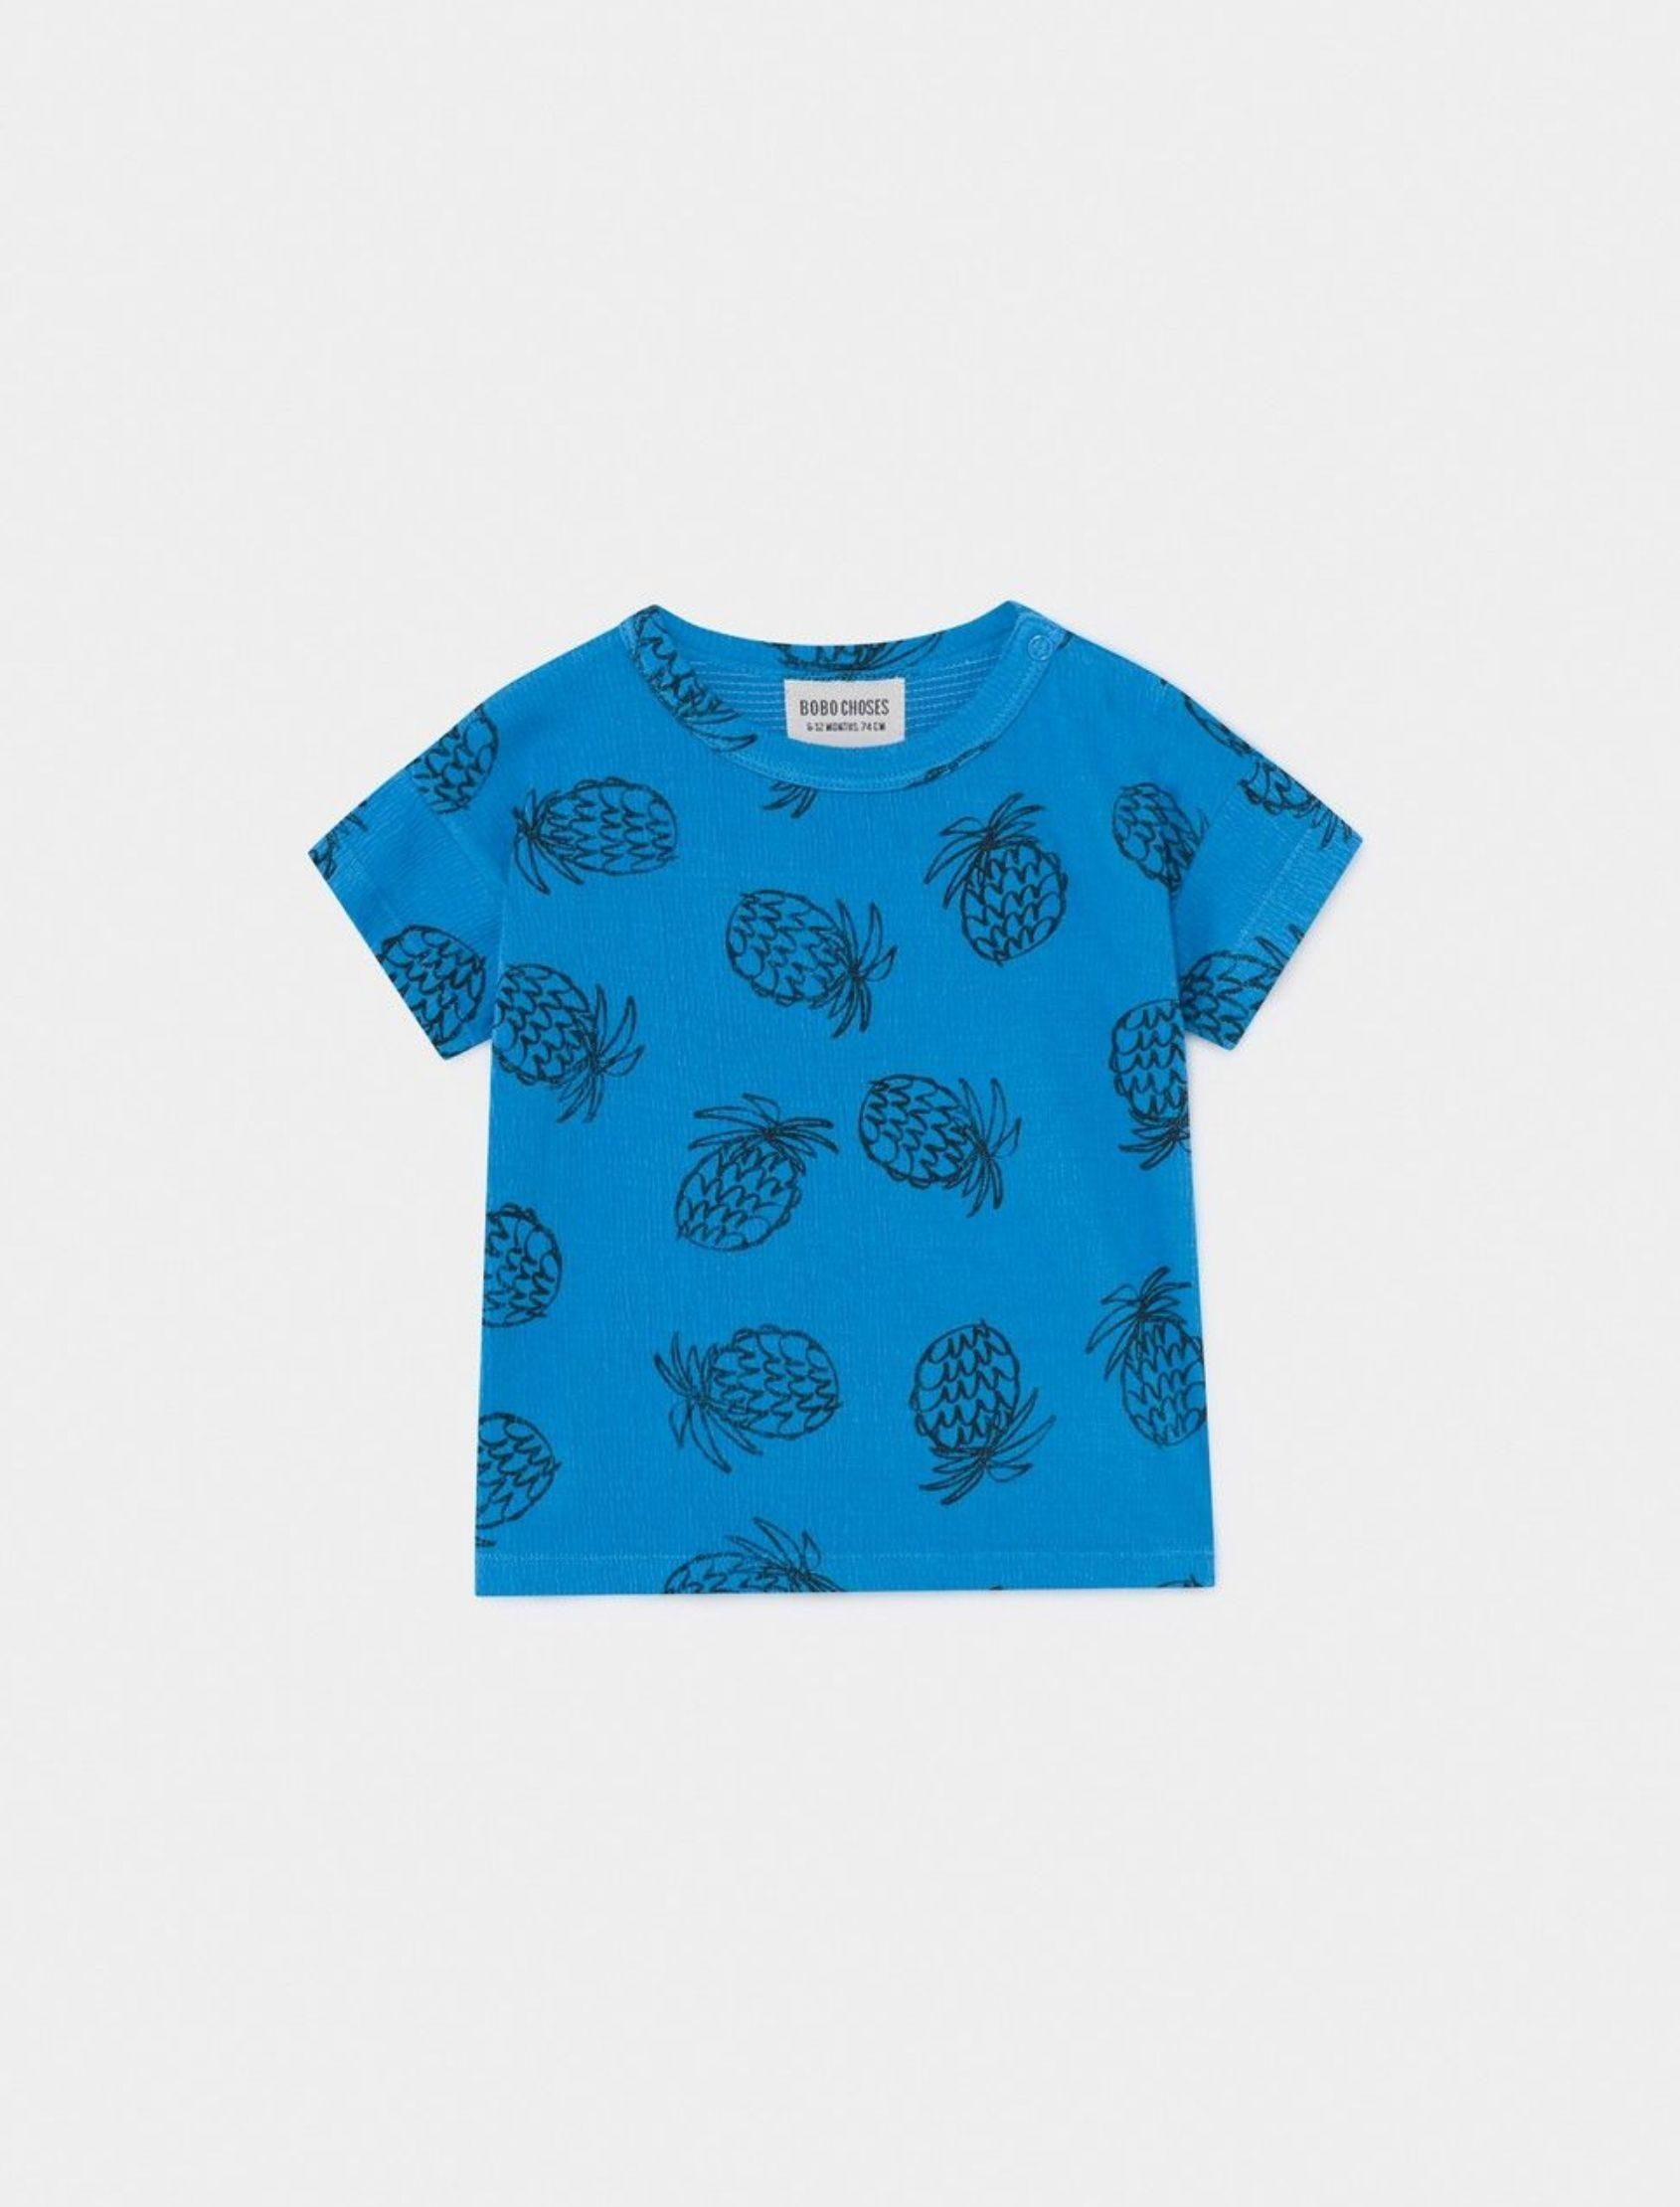 camiseta de bebe con manga corta y estampado de piñas de bobo choses